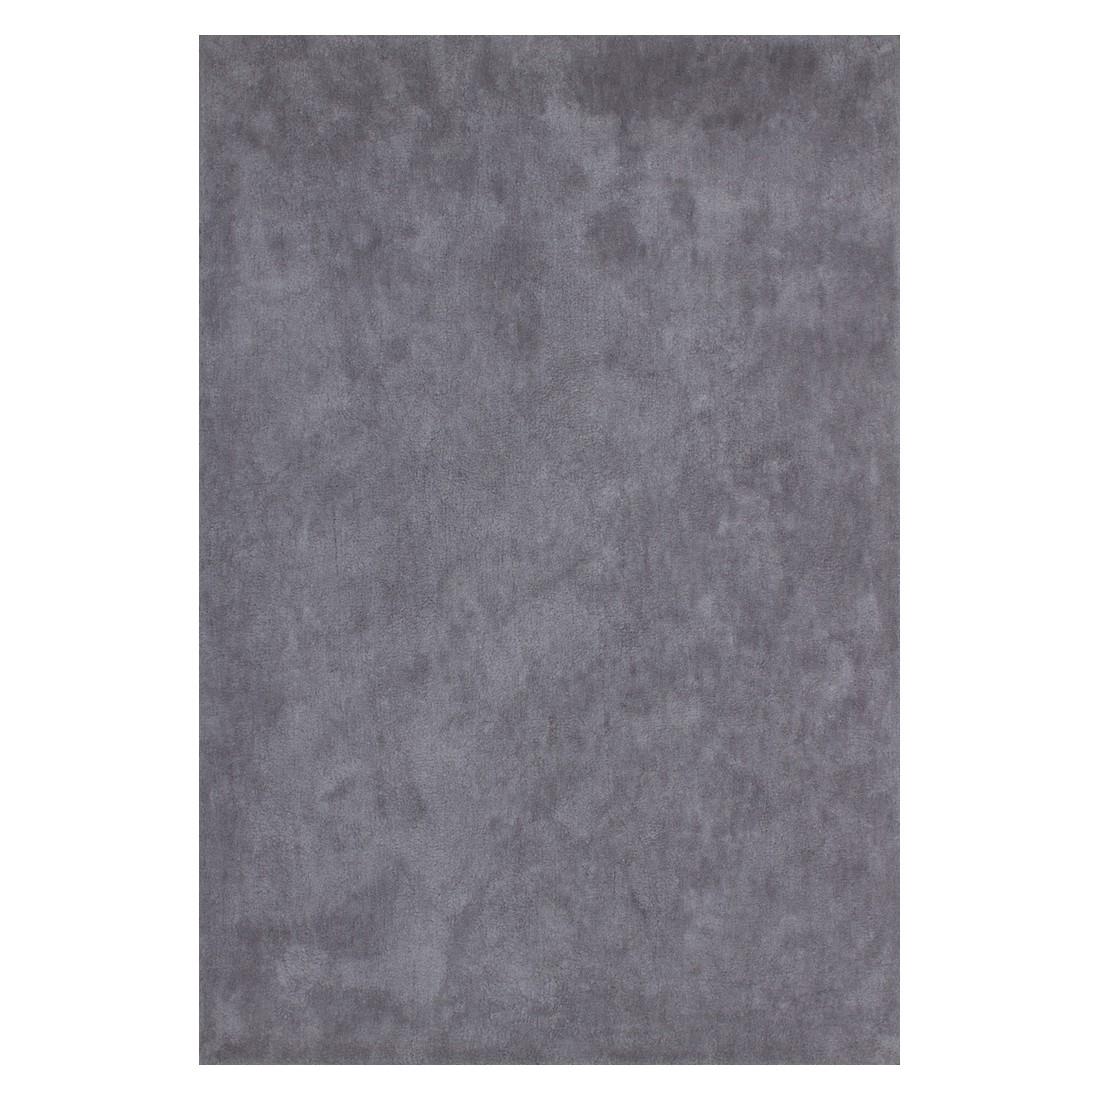 Teppich Velvet – Silber – 80 x 150 cm, Kayoom günstig online kaufen